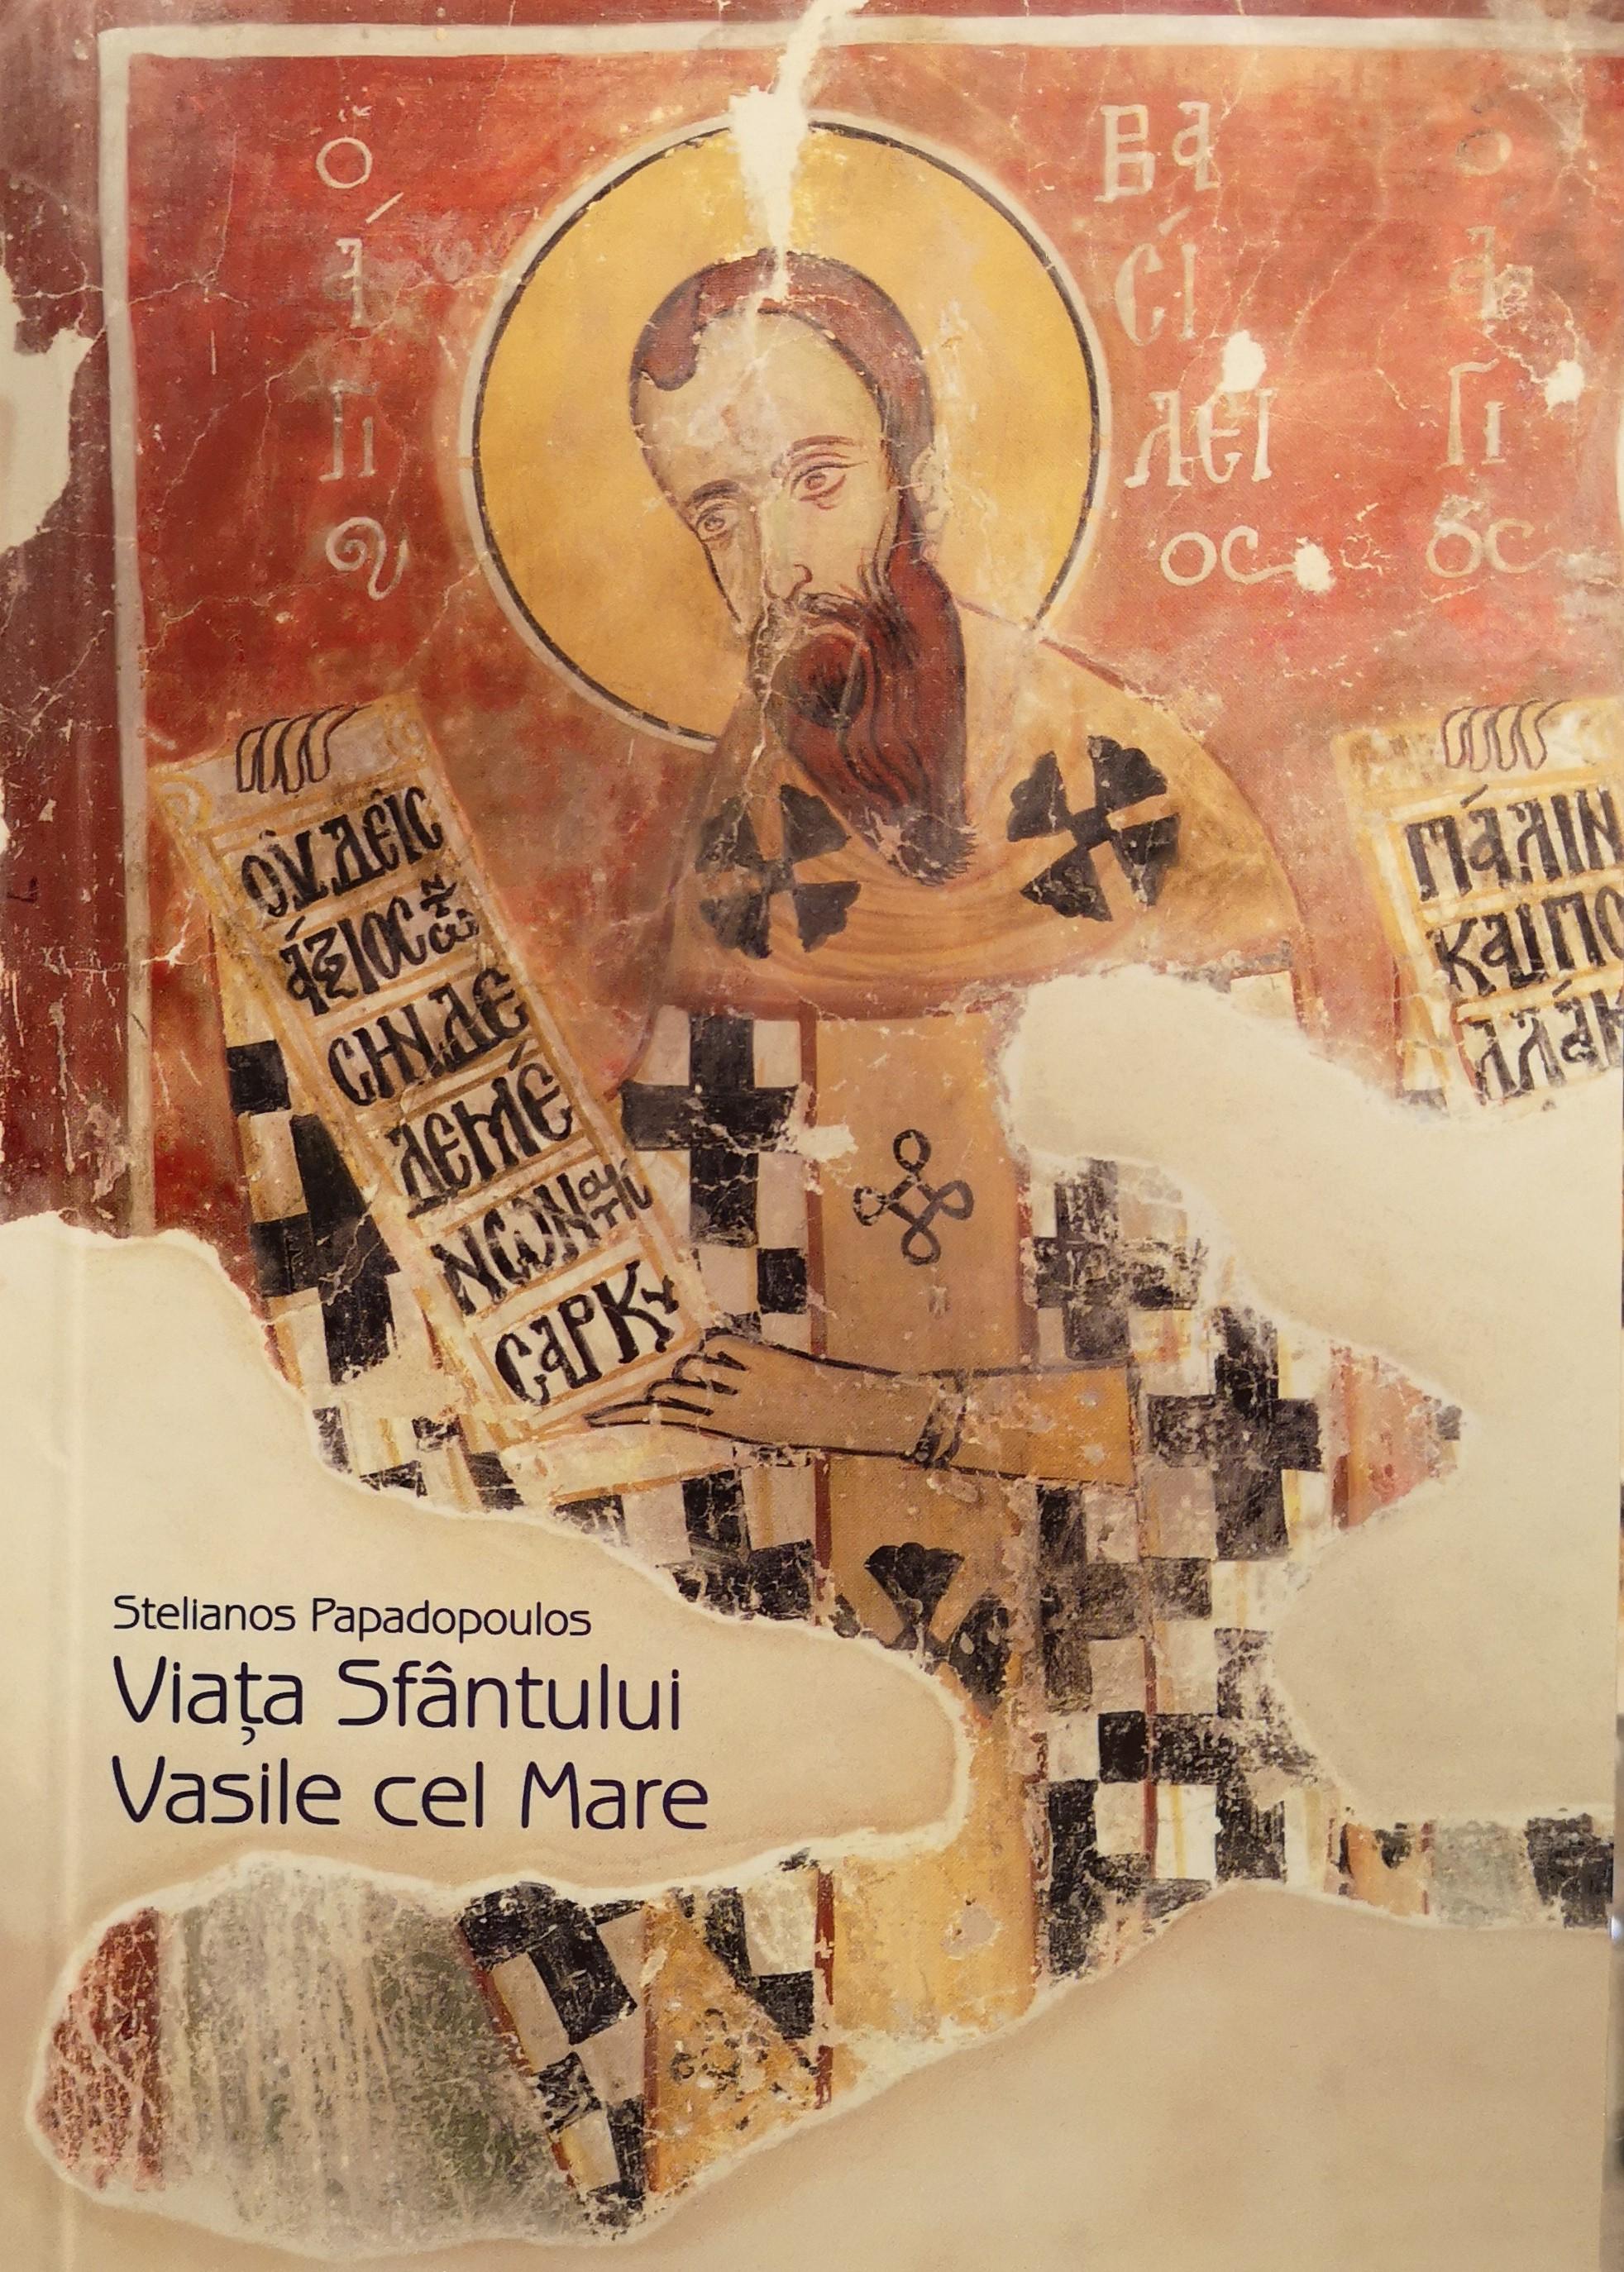 Viata Sfantului Vasile cel Mare - reeditare Editura Bizantina 2018